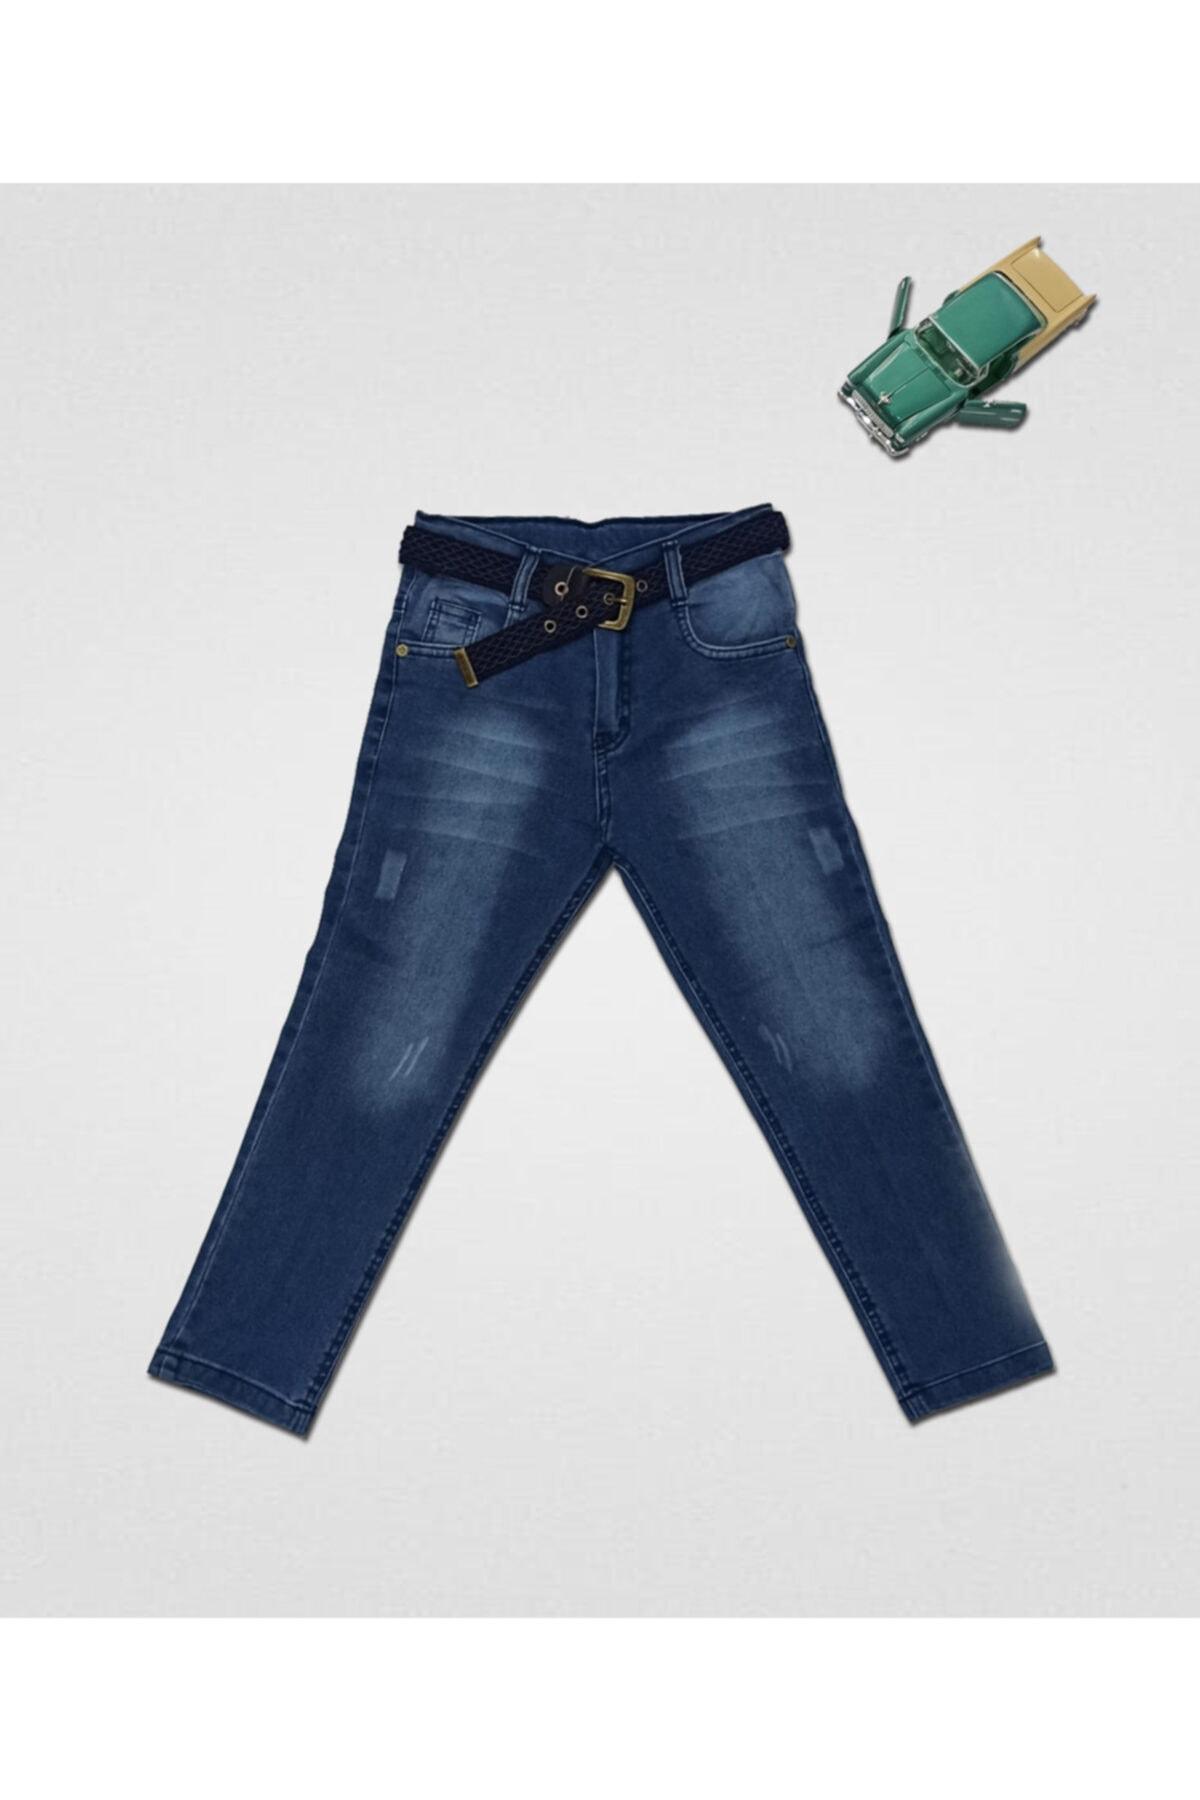 Erkek Çocuk Mavi Jeans